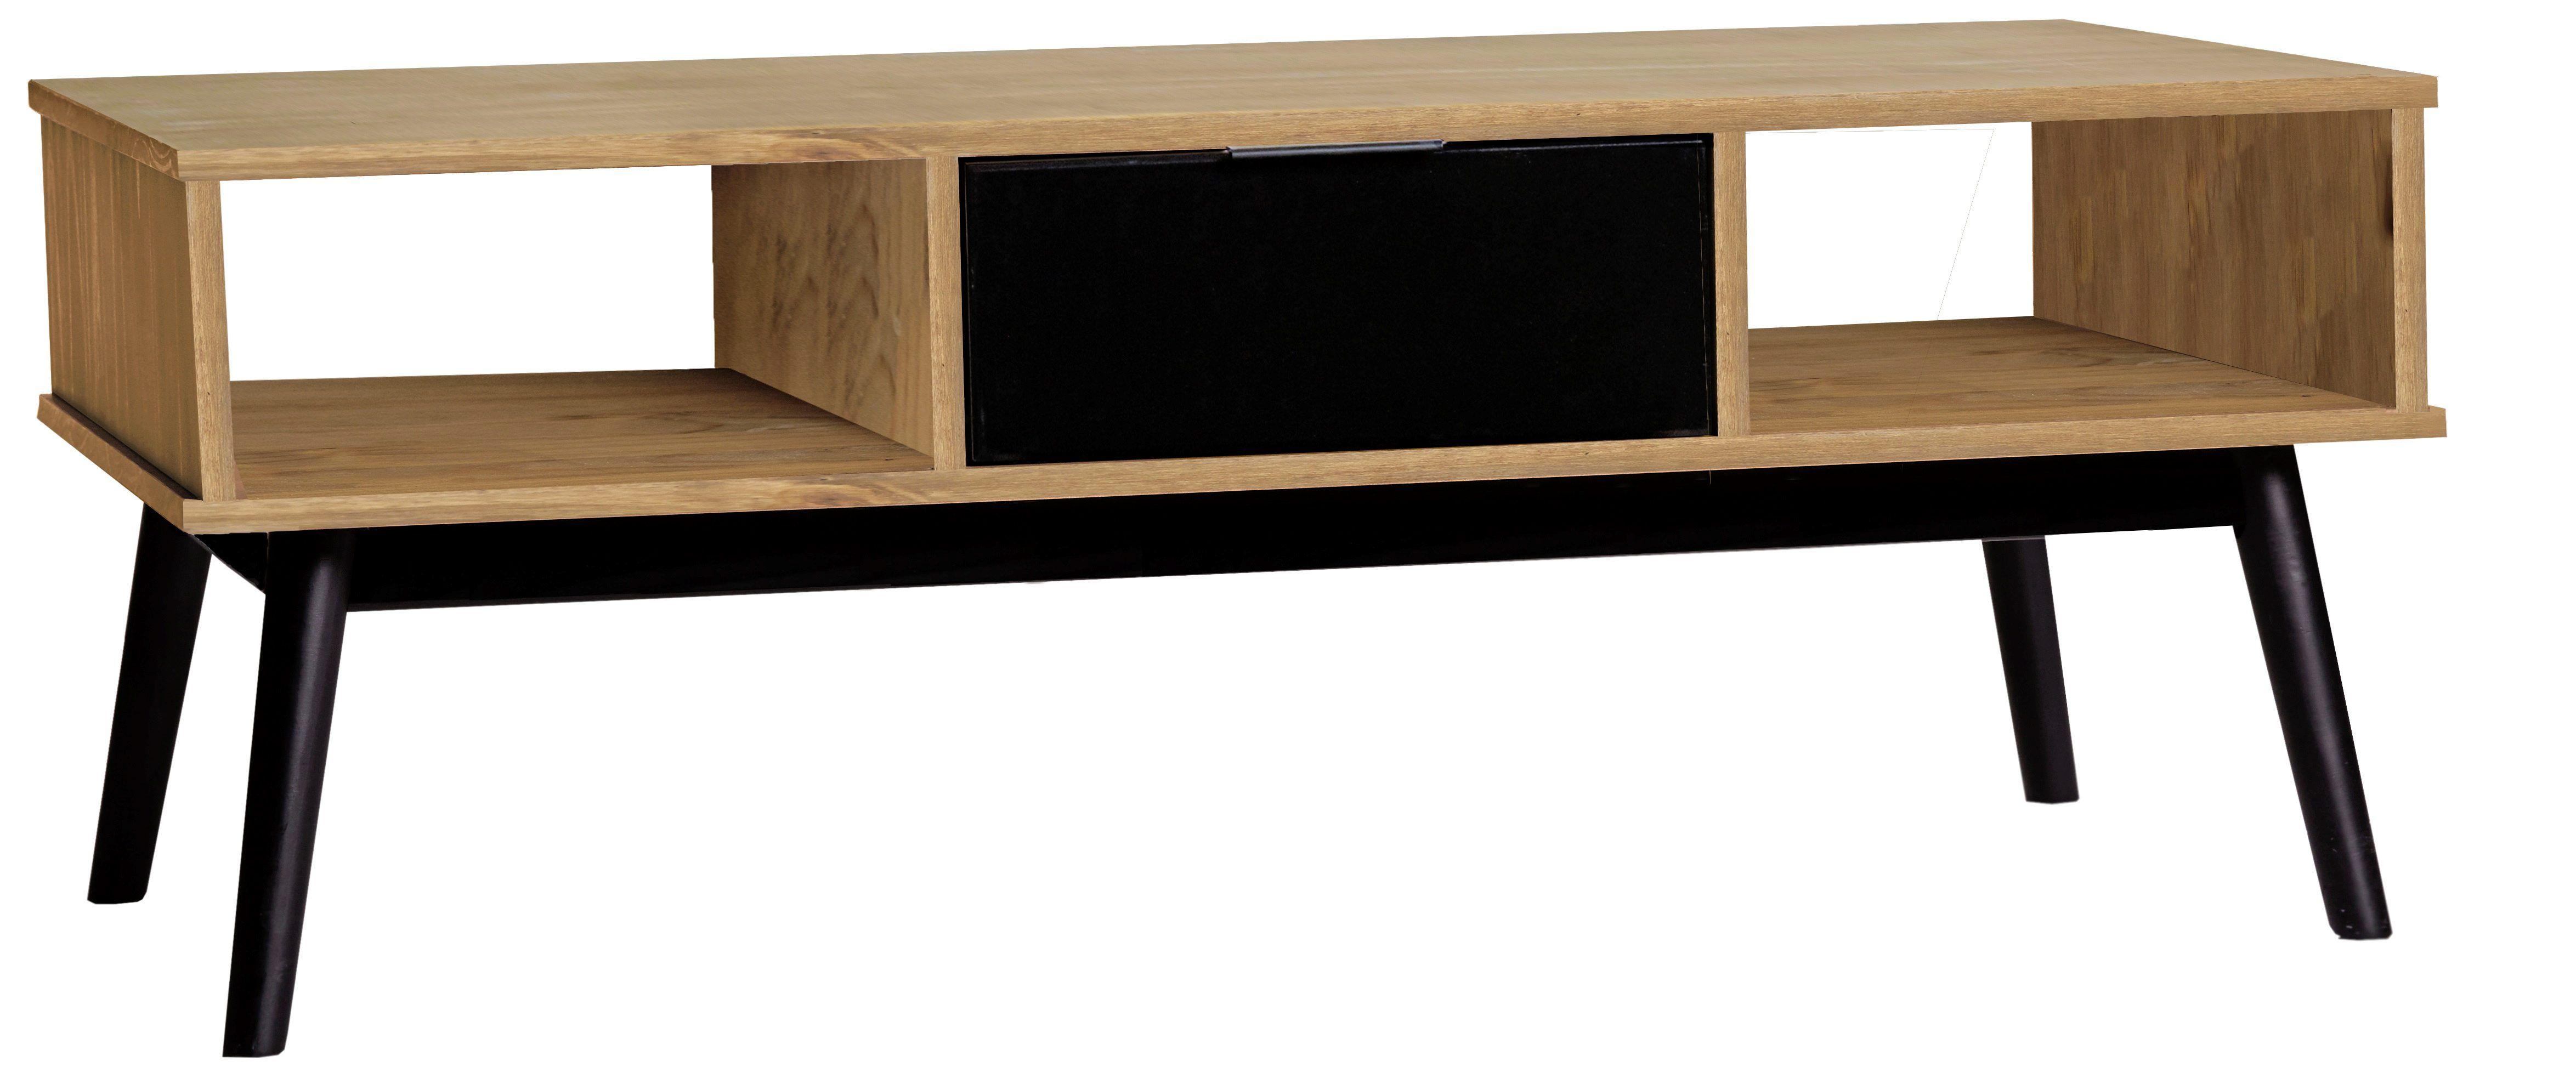 Table Basse Lucia Noir Et Bois Cire But Salon Decoration Scandinave Interieur Coffee Table Wood Coffee Table Wood Decor